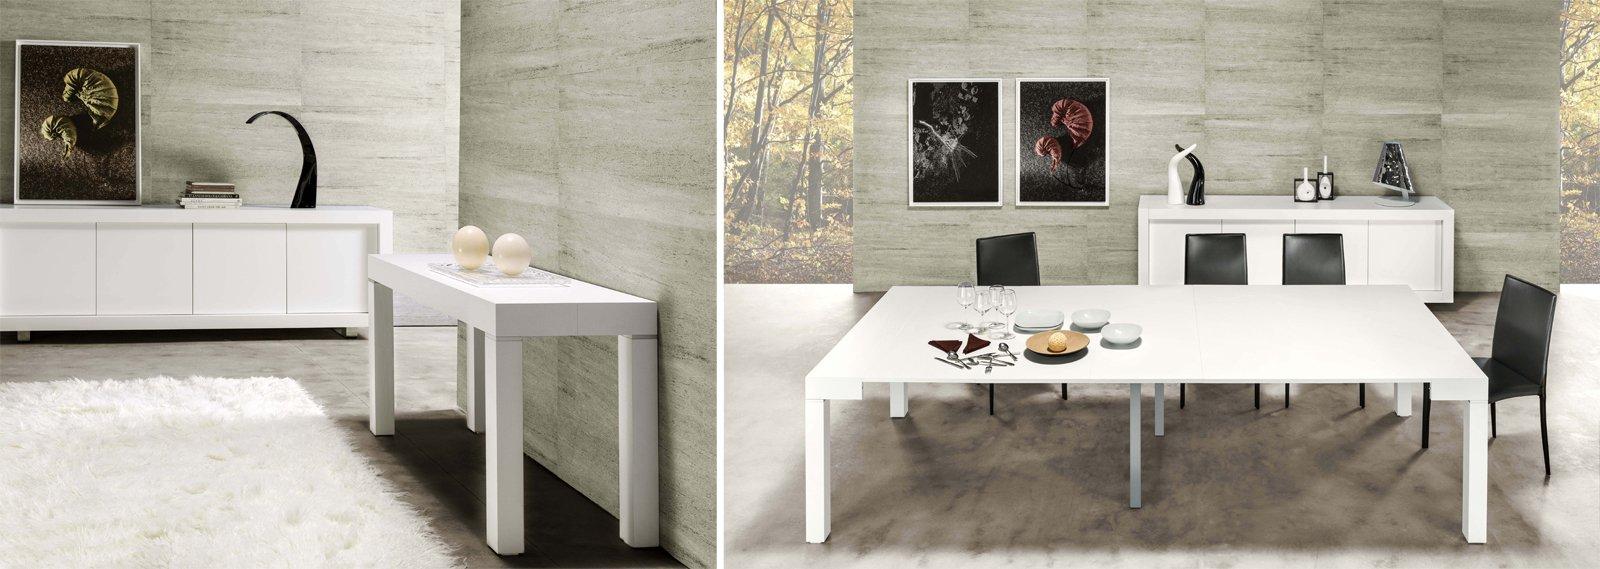 La console che diventa maxi tavolo cose di casa - Tavolo consolle riflessi p300 prezzo ...